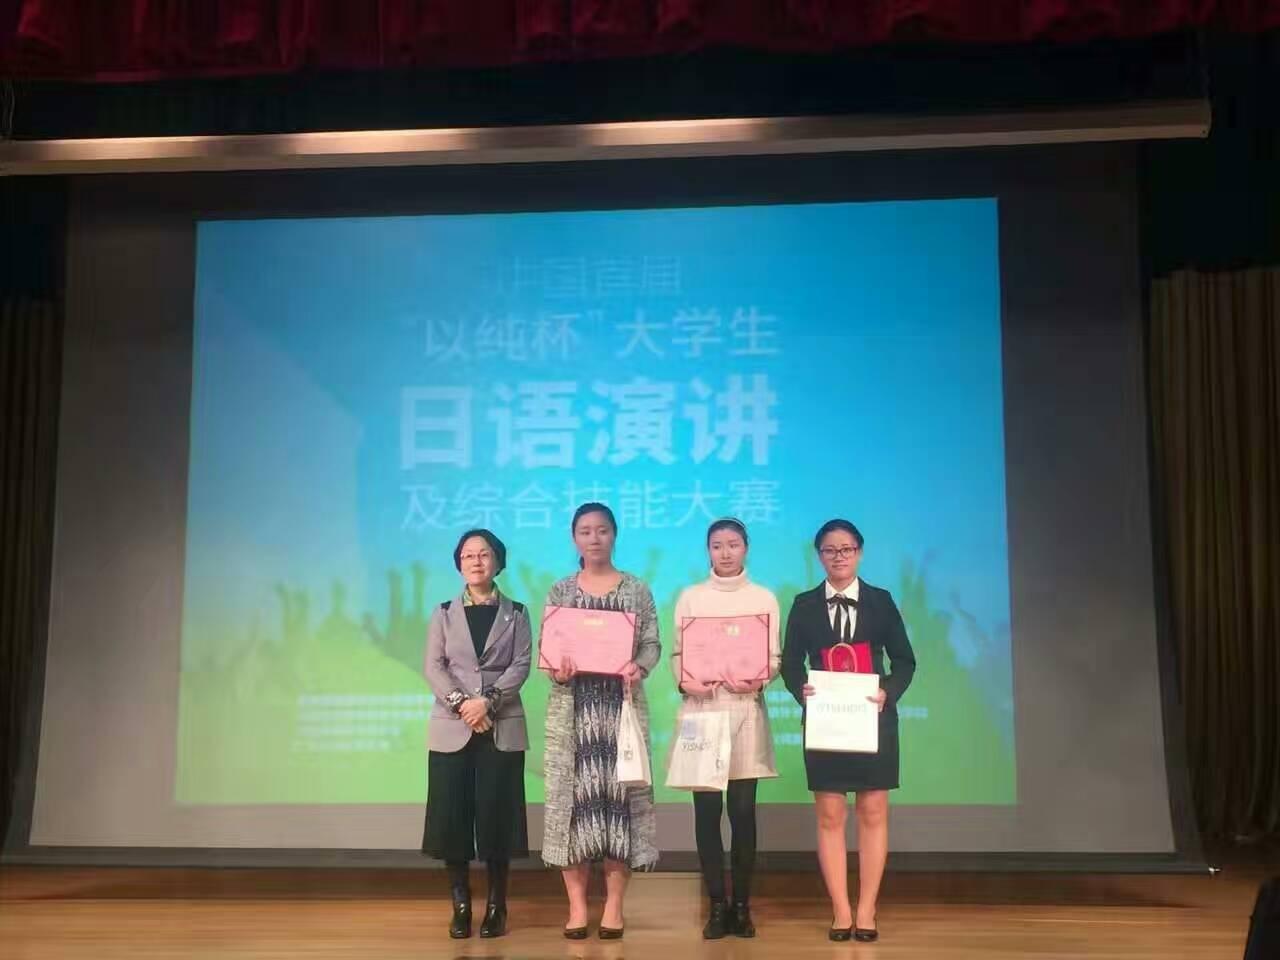 中国首届大学生日语综合技能及才艺表演大赛的决赛心得